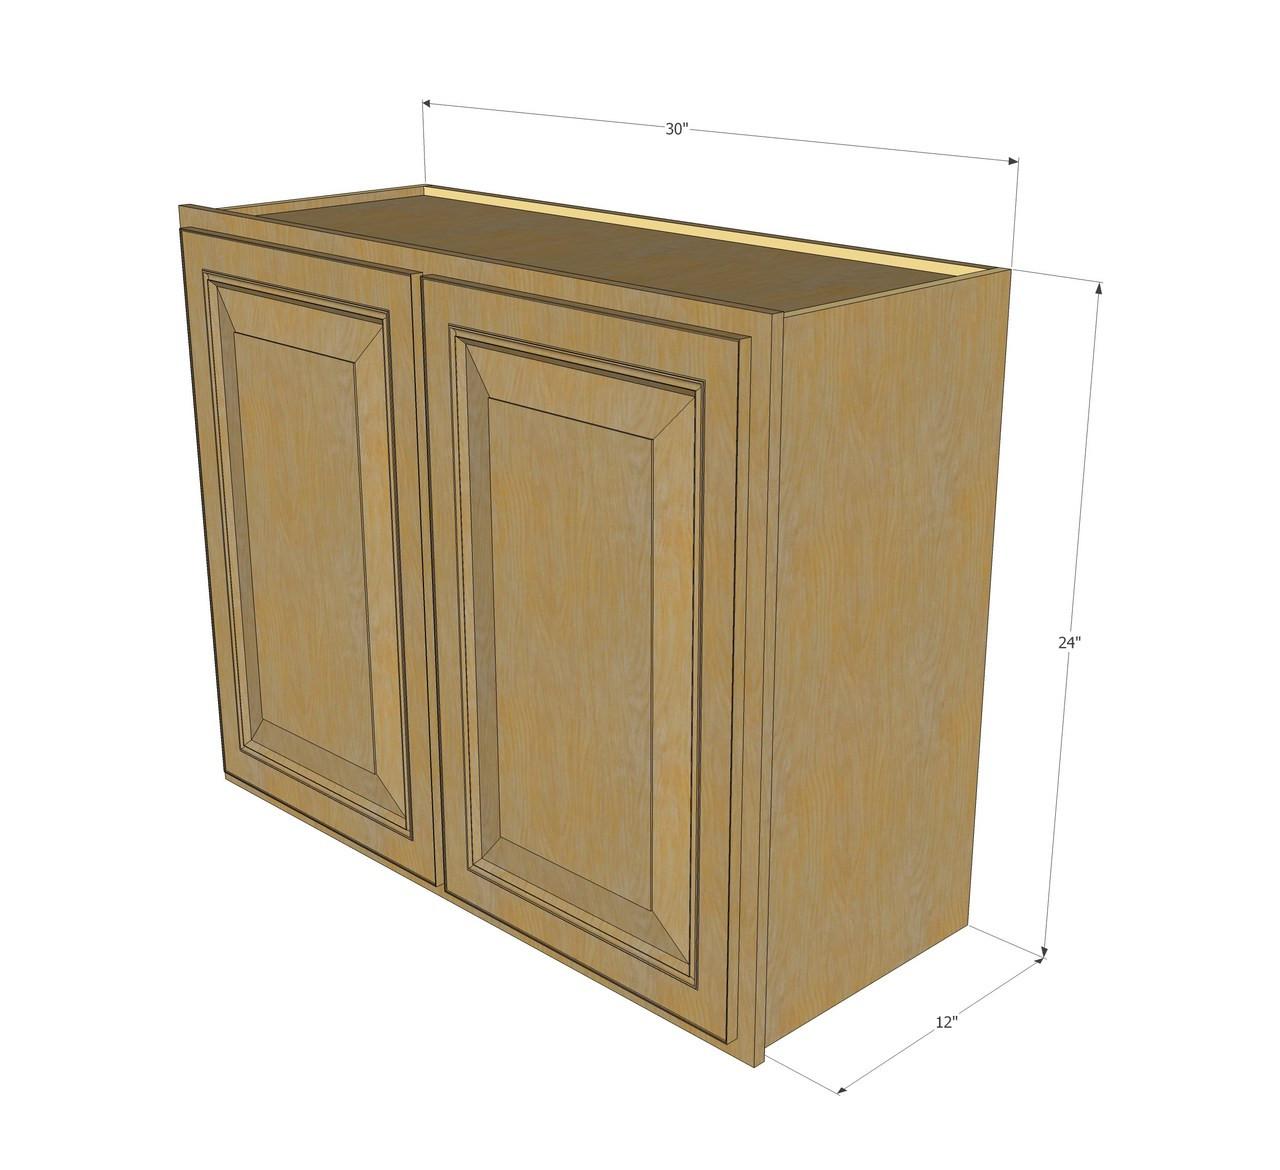 Overhead Kitchen Cabinet: Regal Oak Horizontal Overhead Wall Cabinet